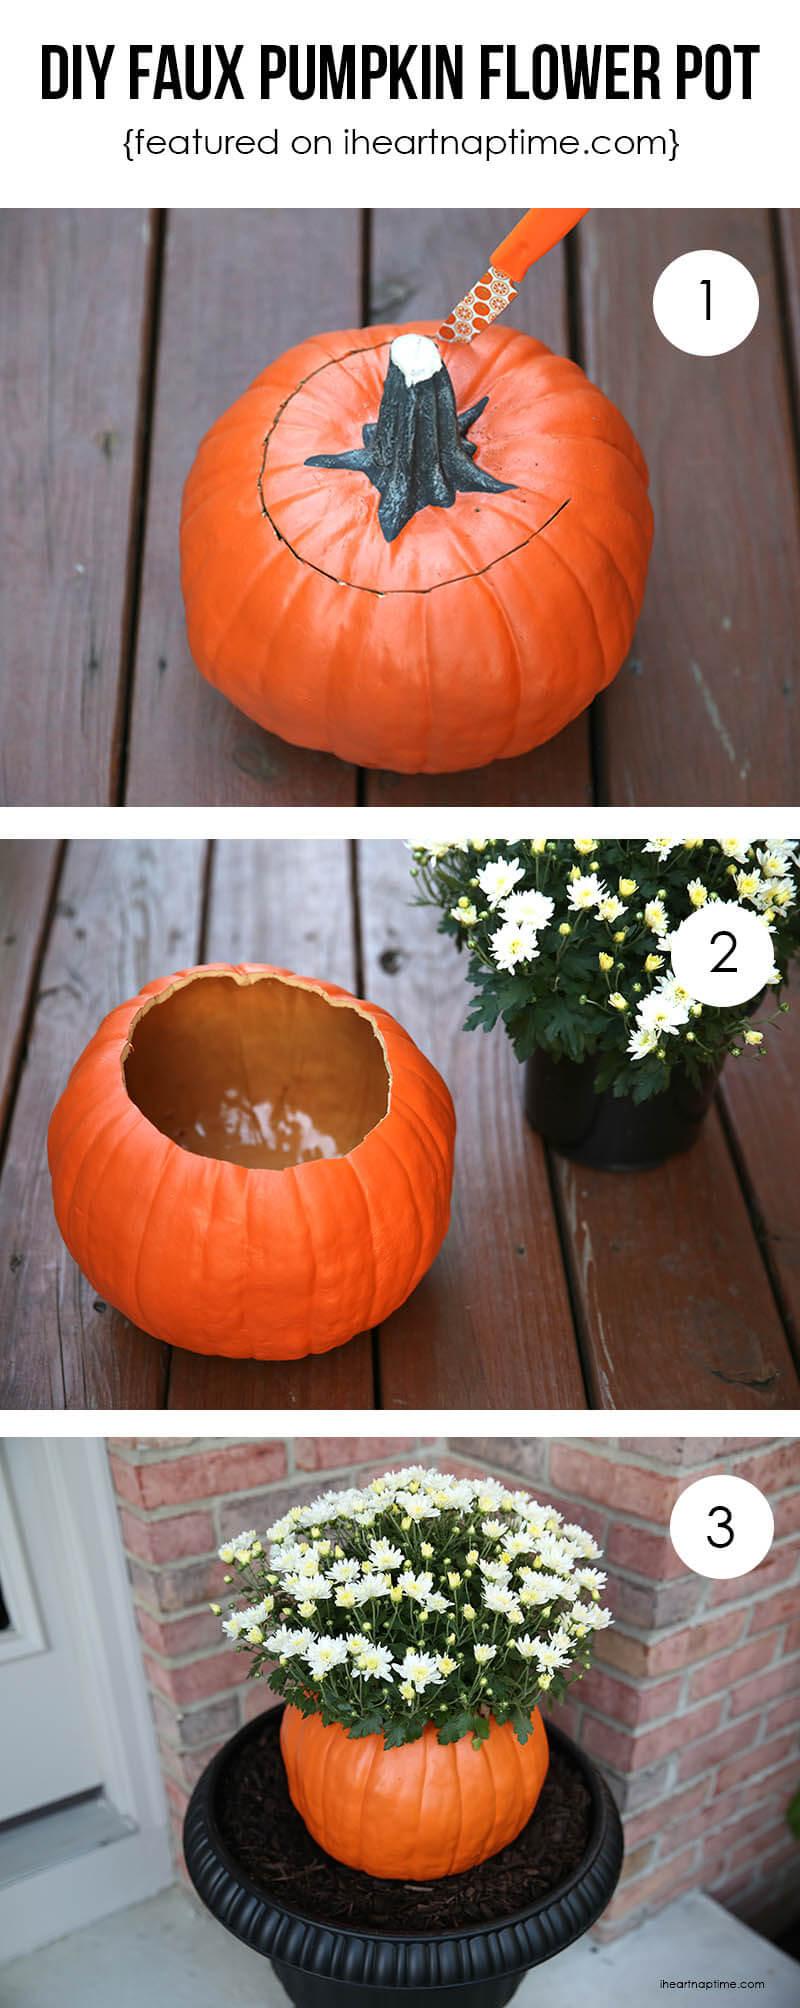 DIY faux pumpkin flower pot tutorial